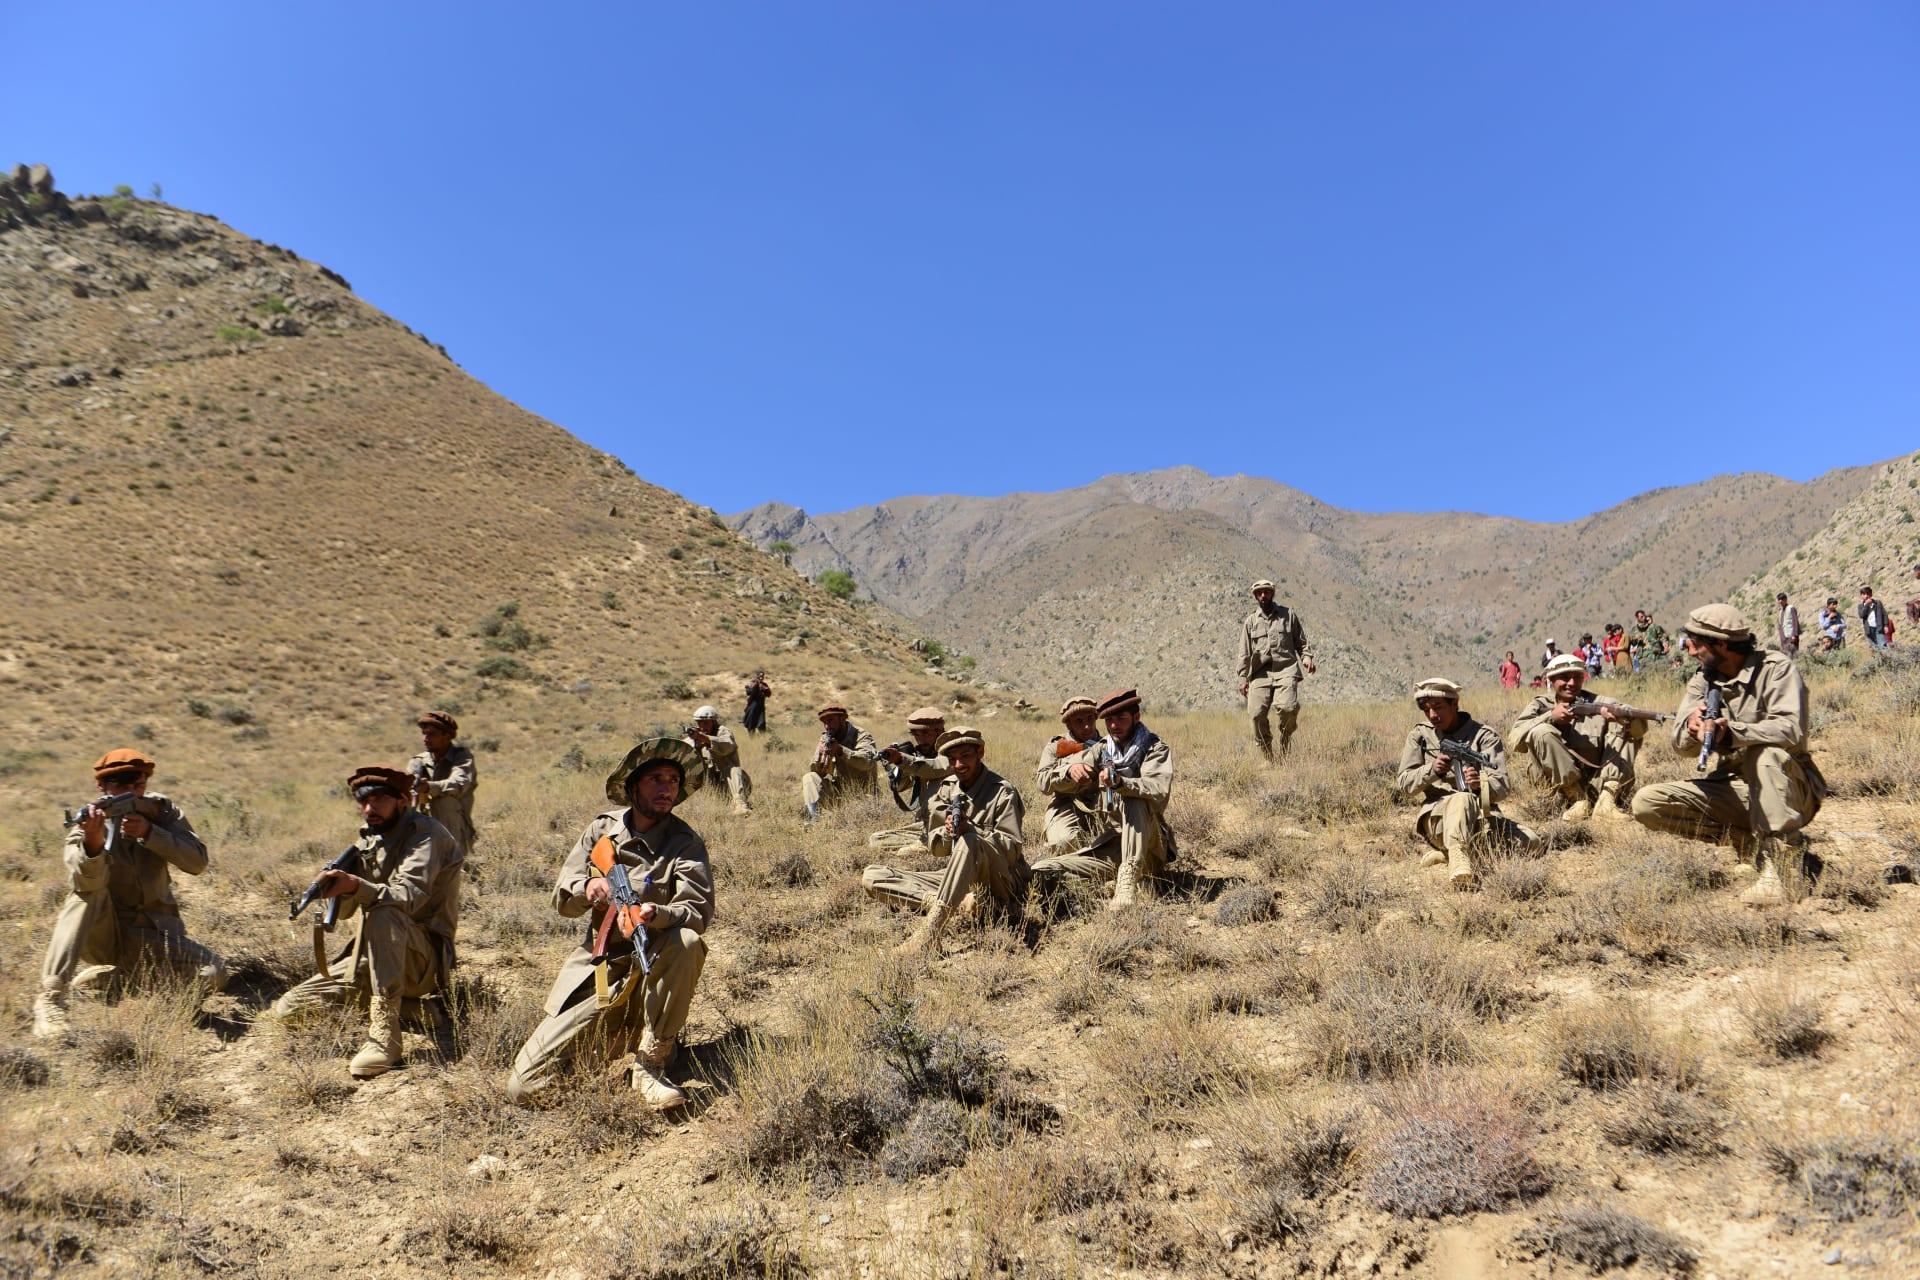 قوات تحالف الشمال وجبهة المقاومة الوطنية الأفغانية في تدريبات عسكرية في وادي بنجشير